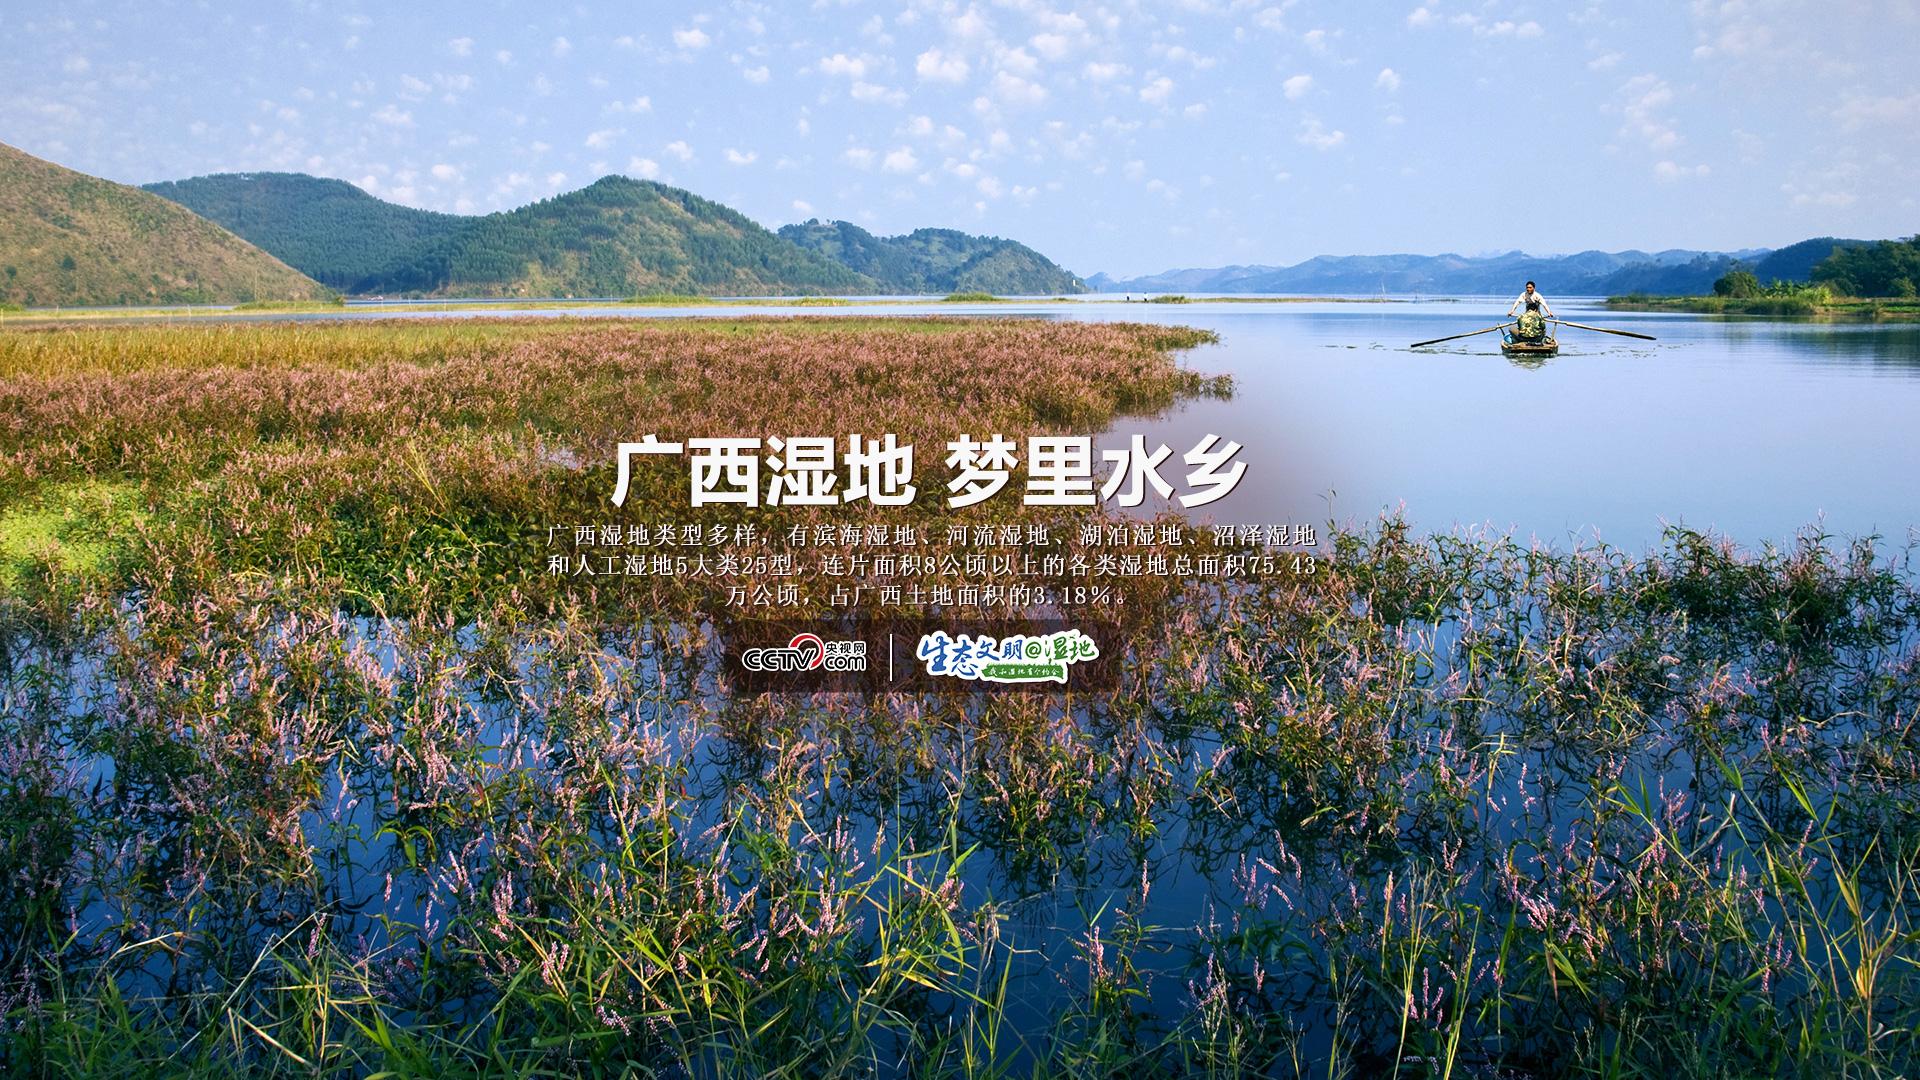 【生态文明@湿地】广西湿地,梦里水乡